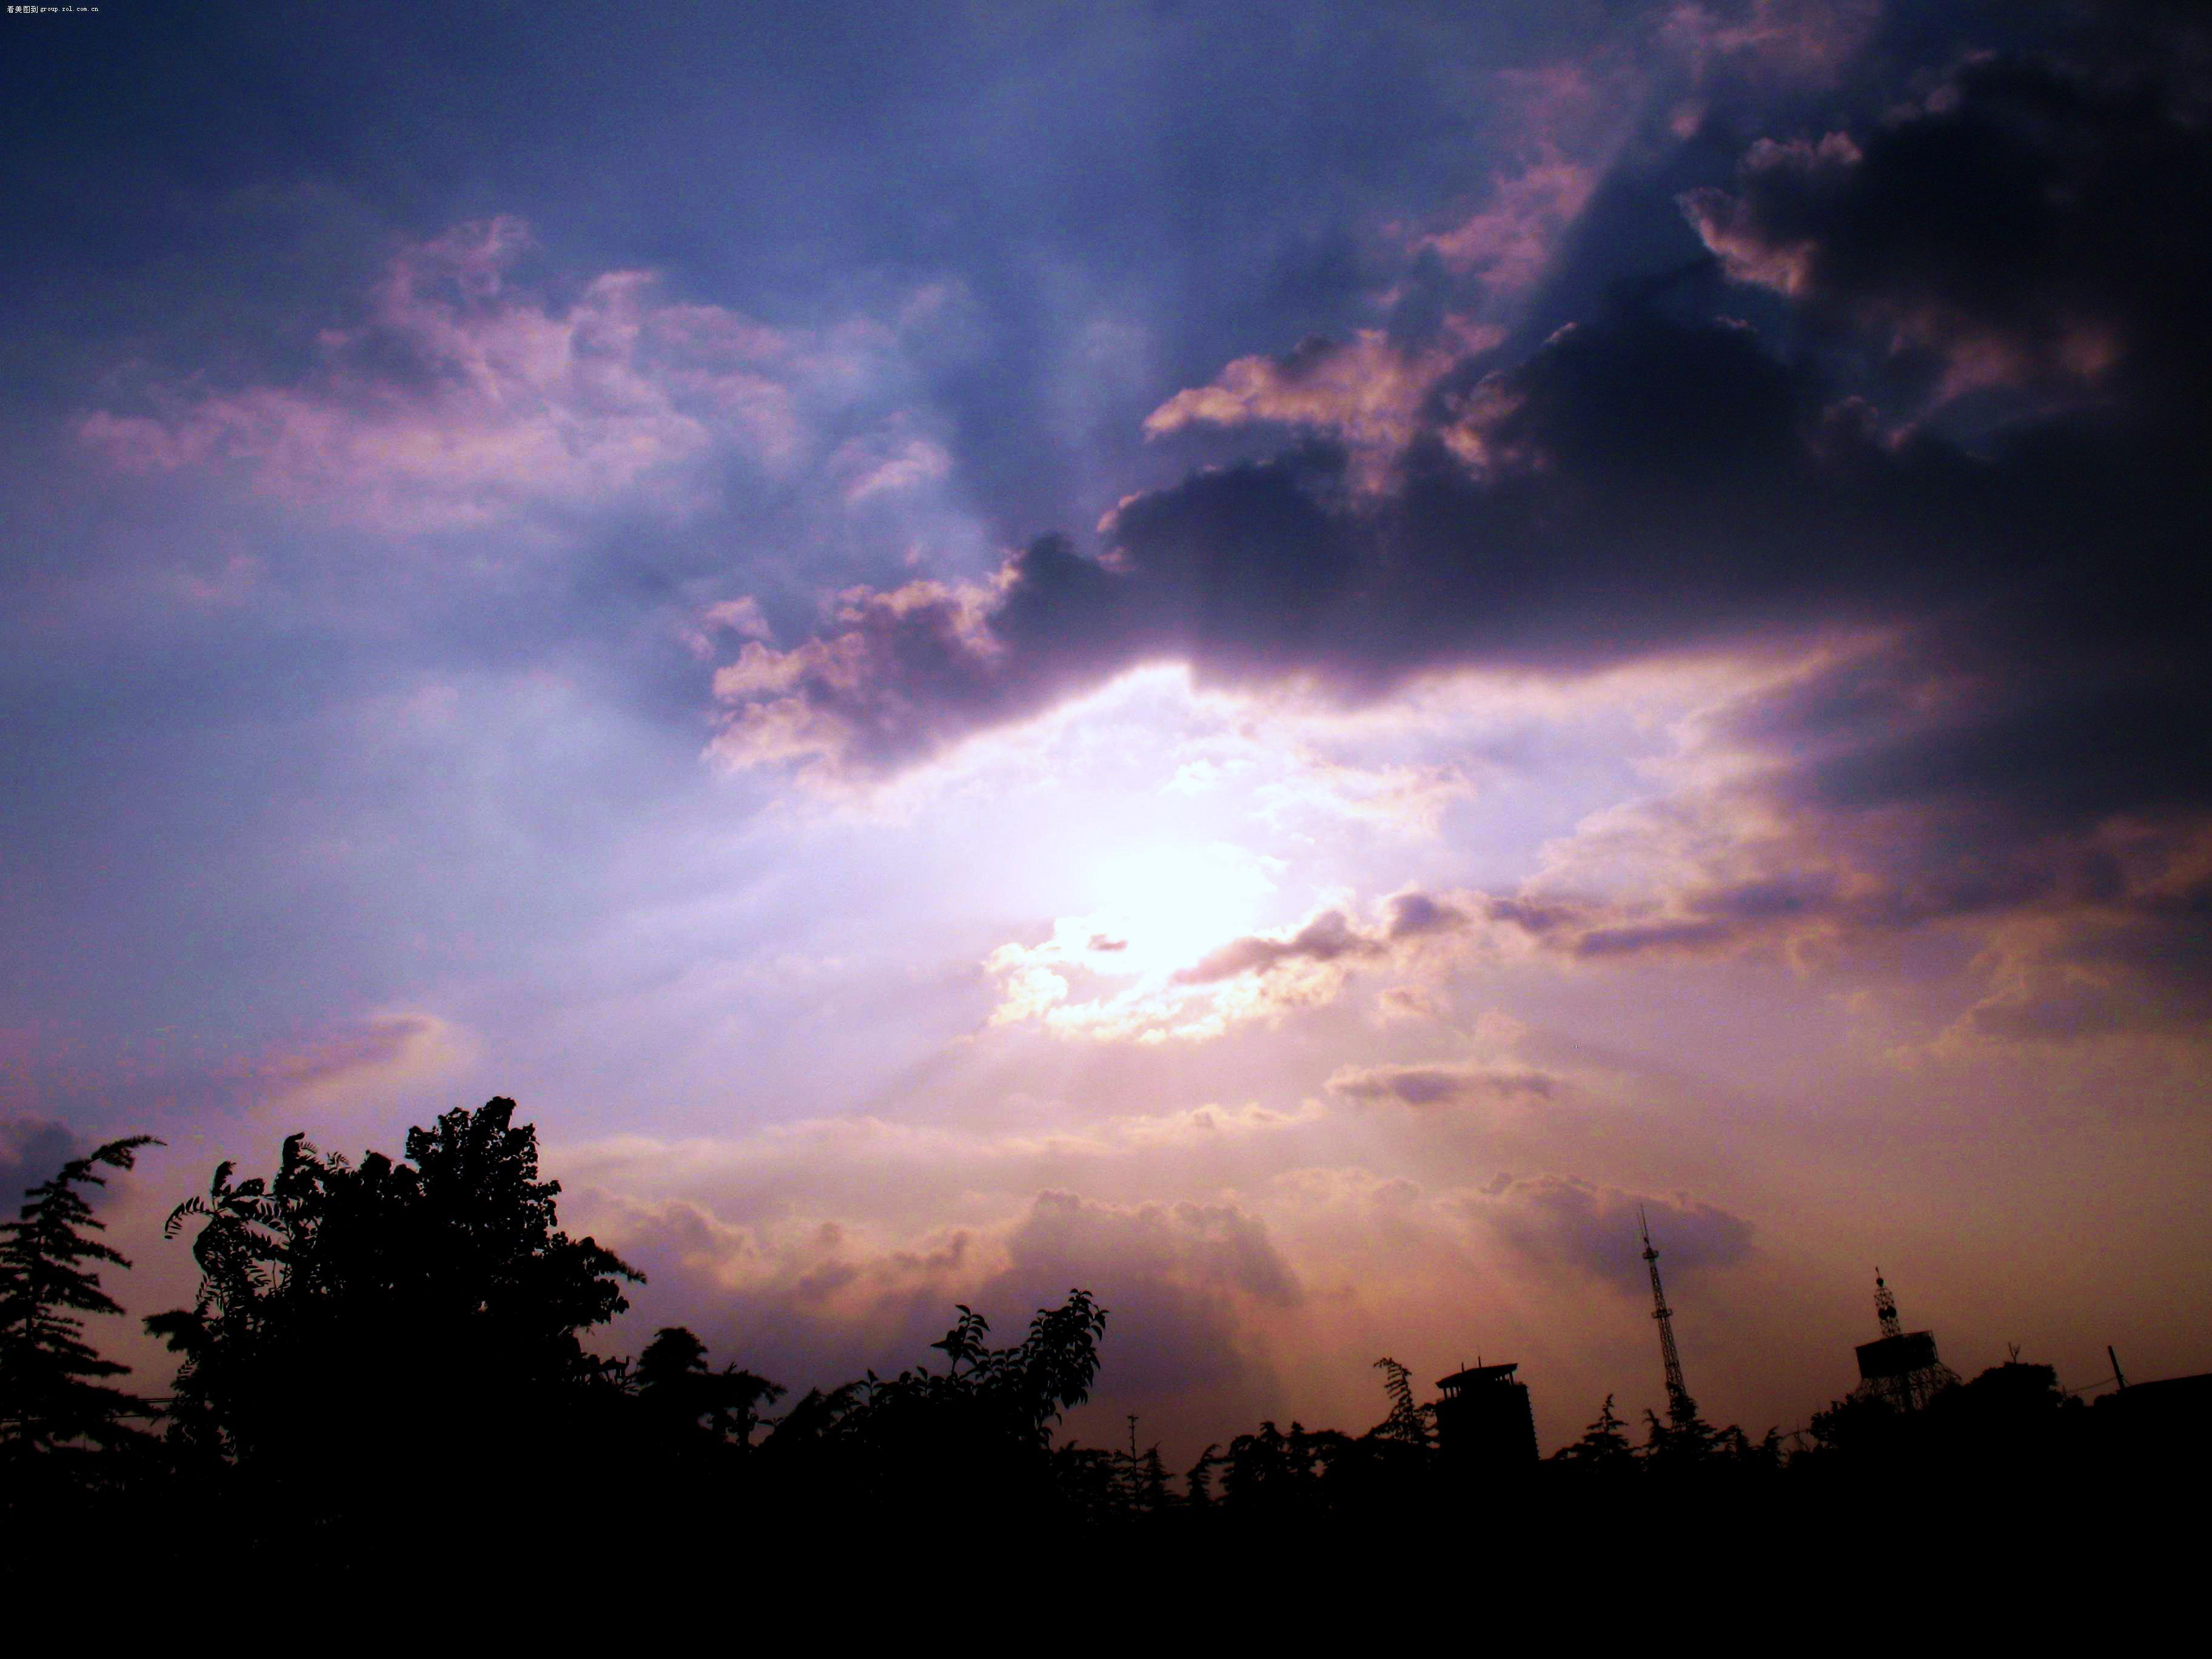 【蓝天白云 小花 乌云中的太阳】佳能